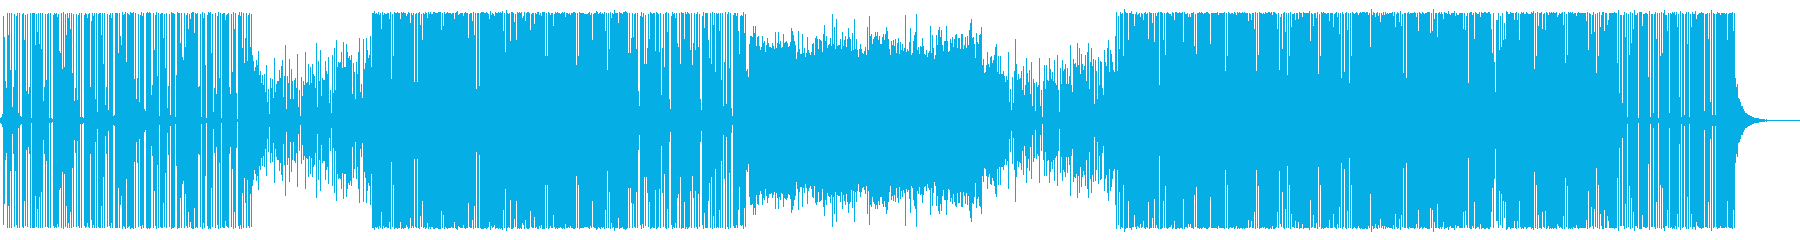 無機質なエレクトロ/ハウスミュージック/の再生済みの波形